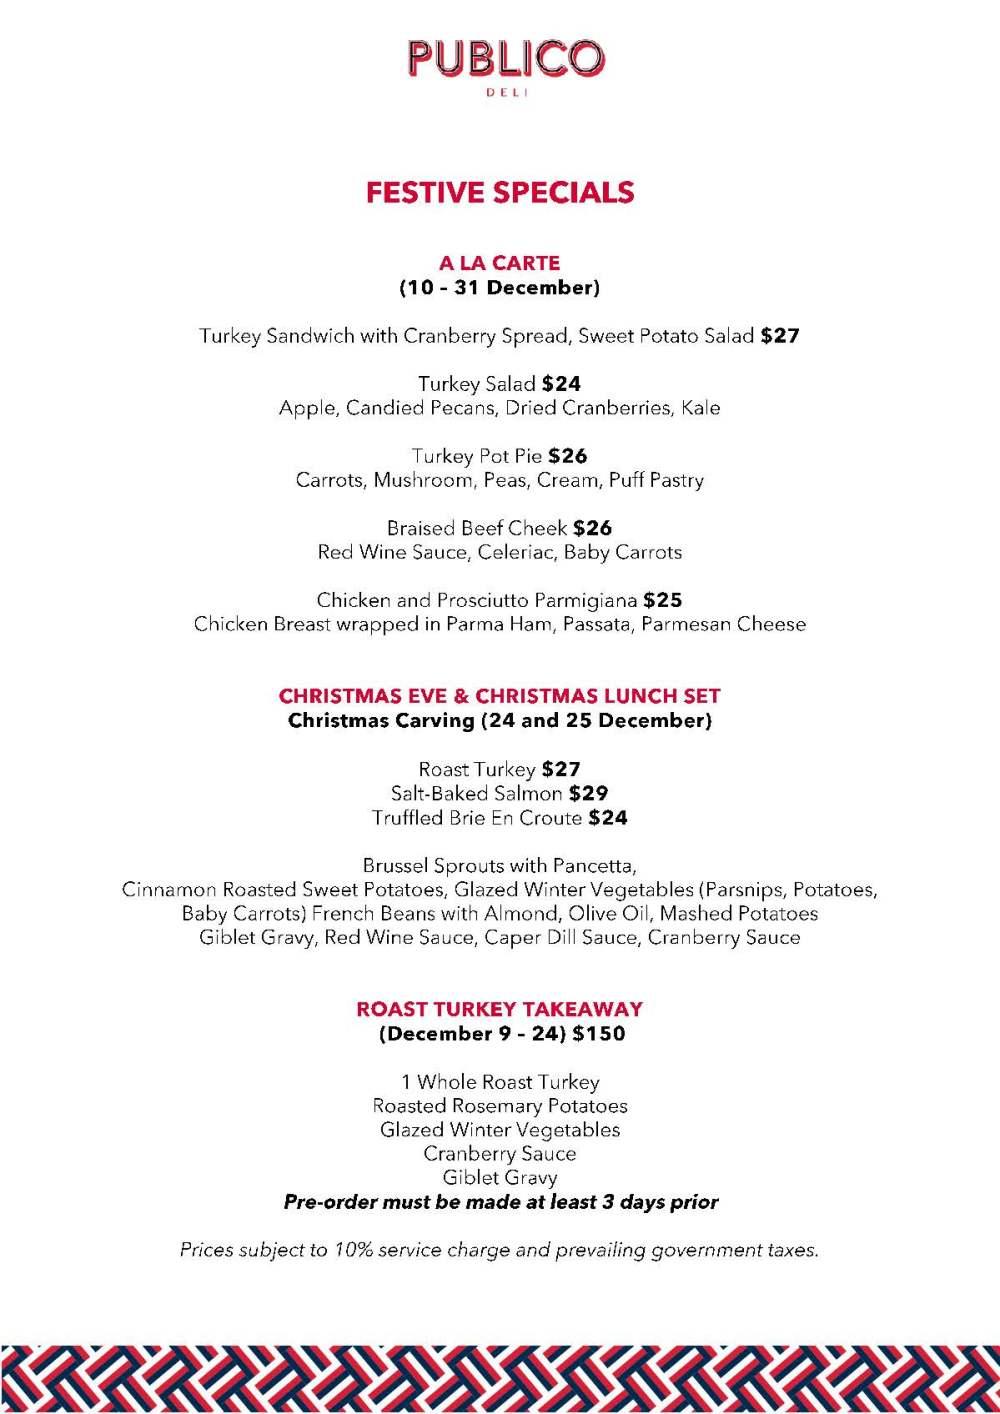 Publico Deli - Festive menu